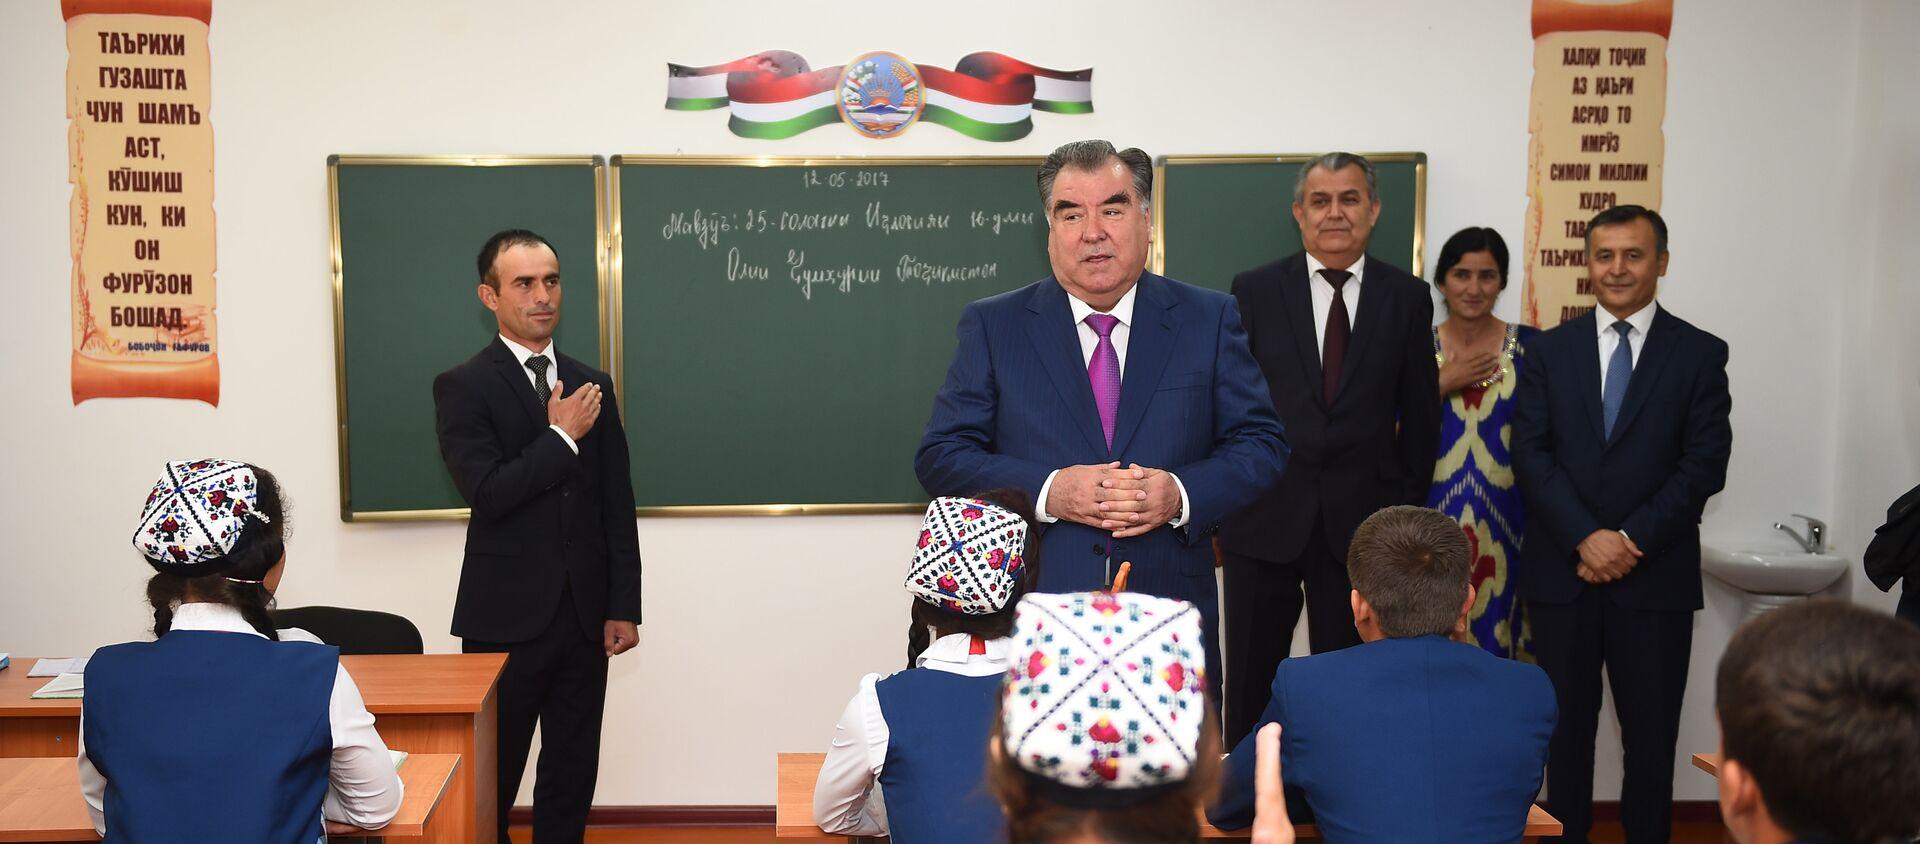 Президент Таджикистана Эмомали Рахмон в школе, архивное фото - Sputnik Таджикистан, 1920, 11.07.2017